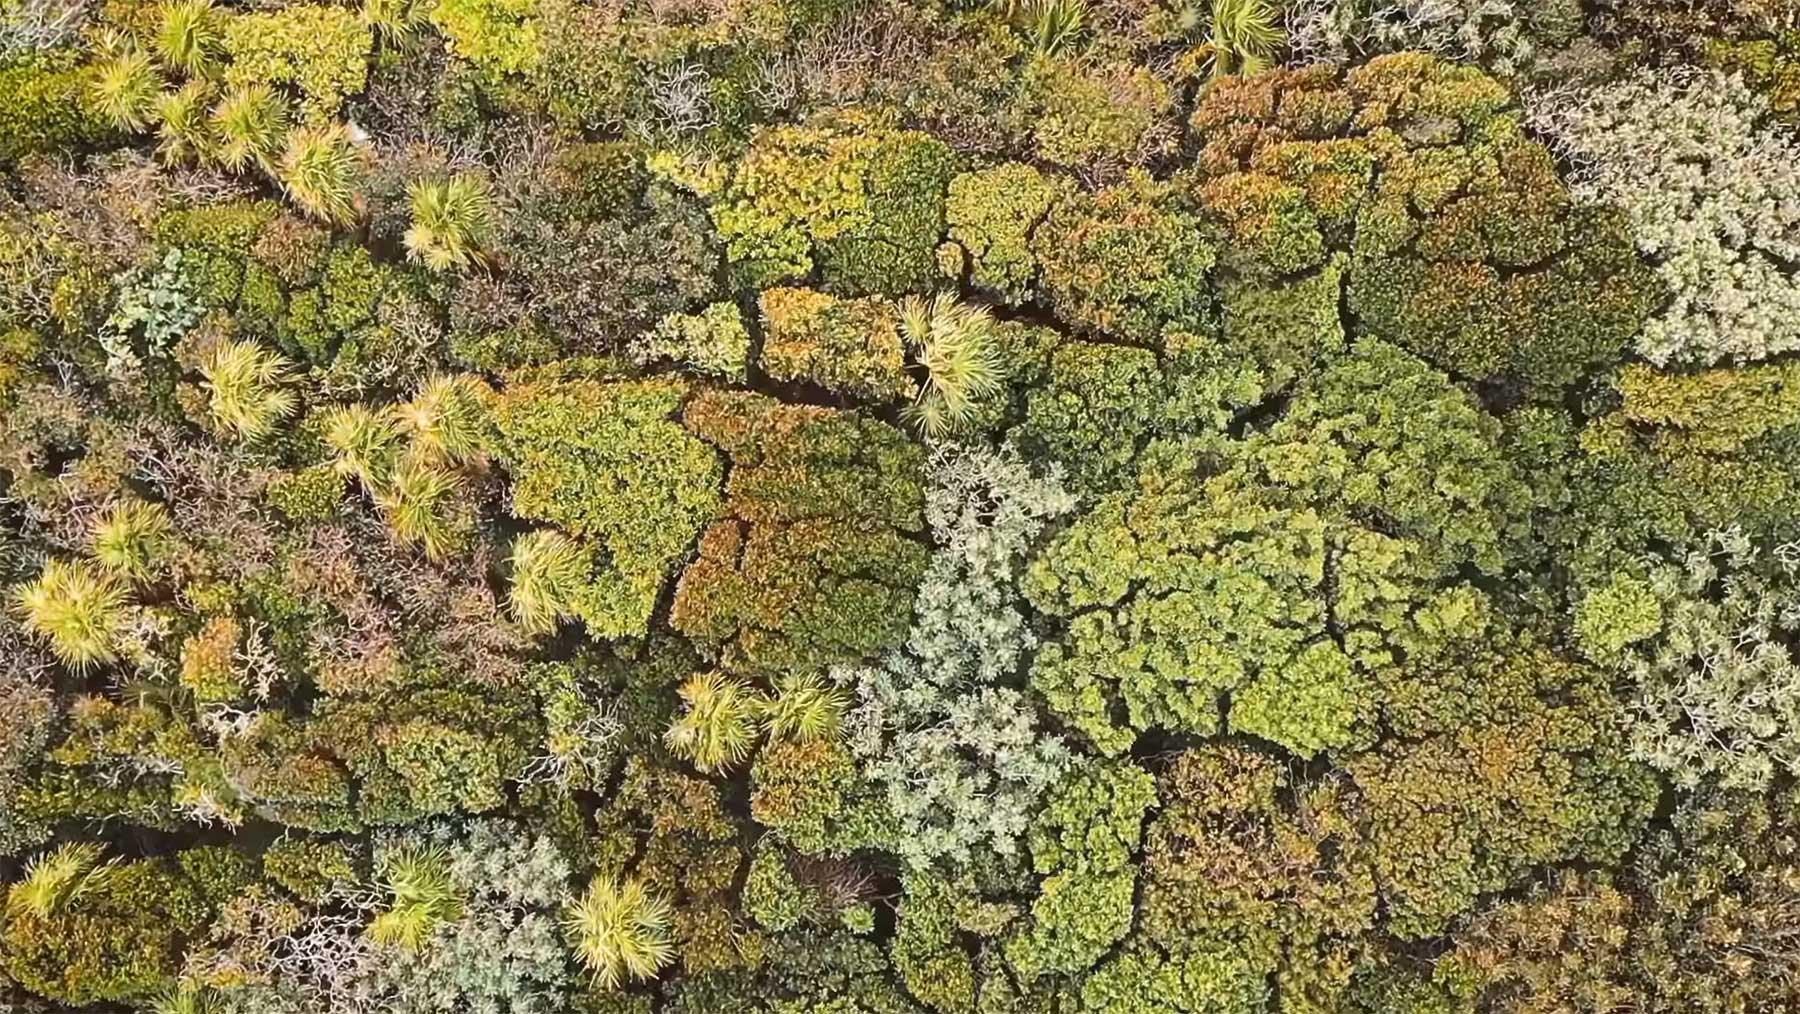 Vom Winde bewegtes Baumkronen-Meer von Oben forest-therapy-video